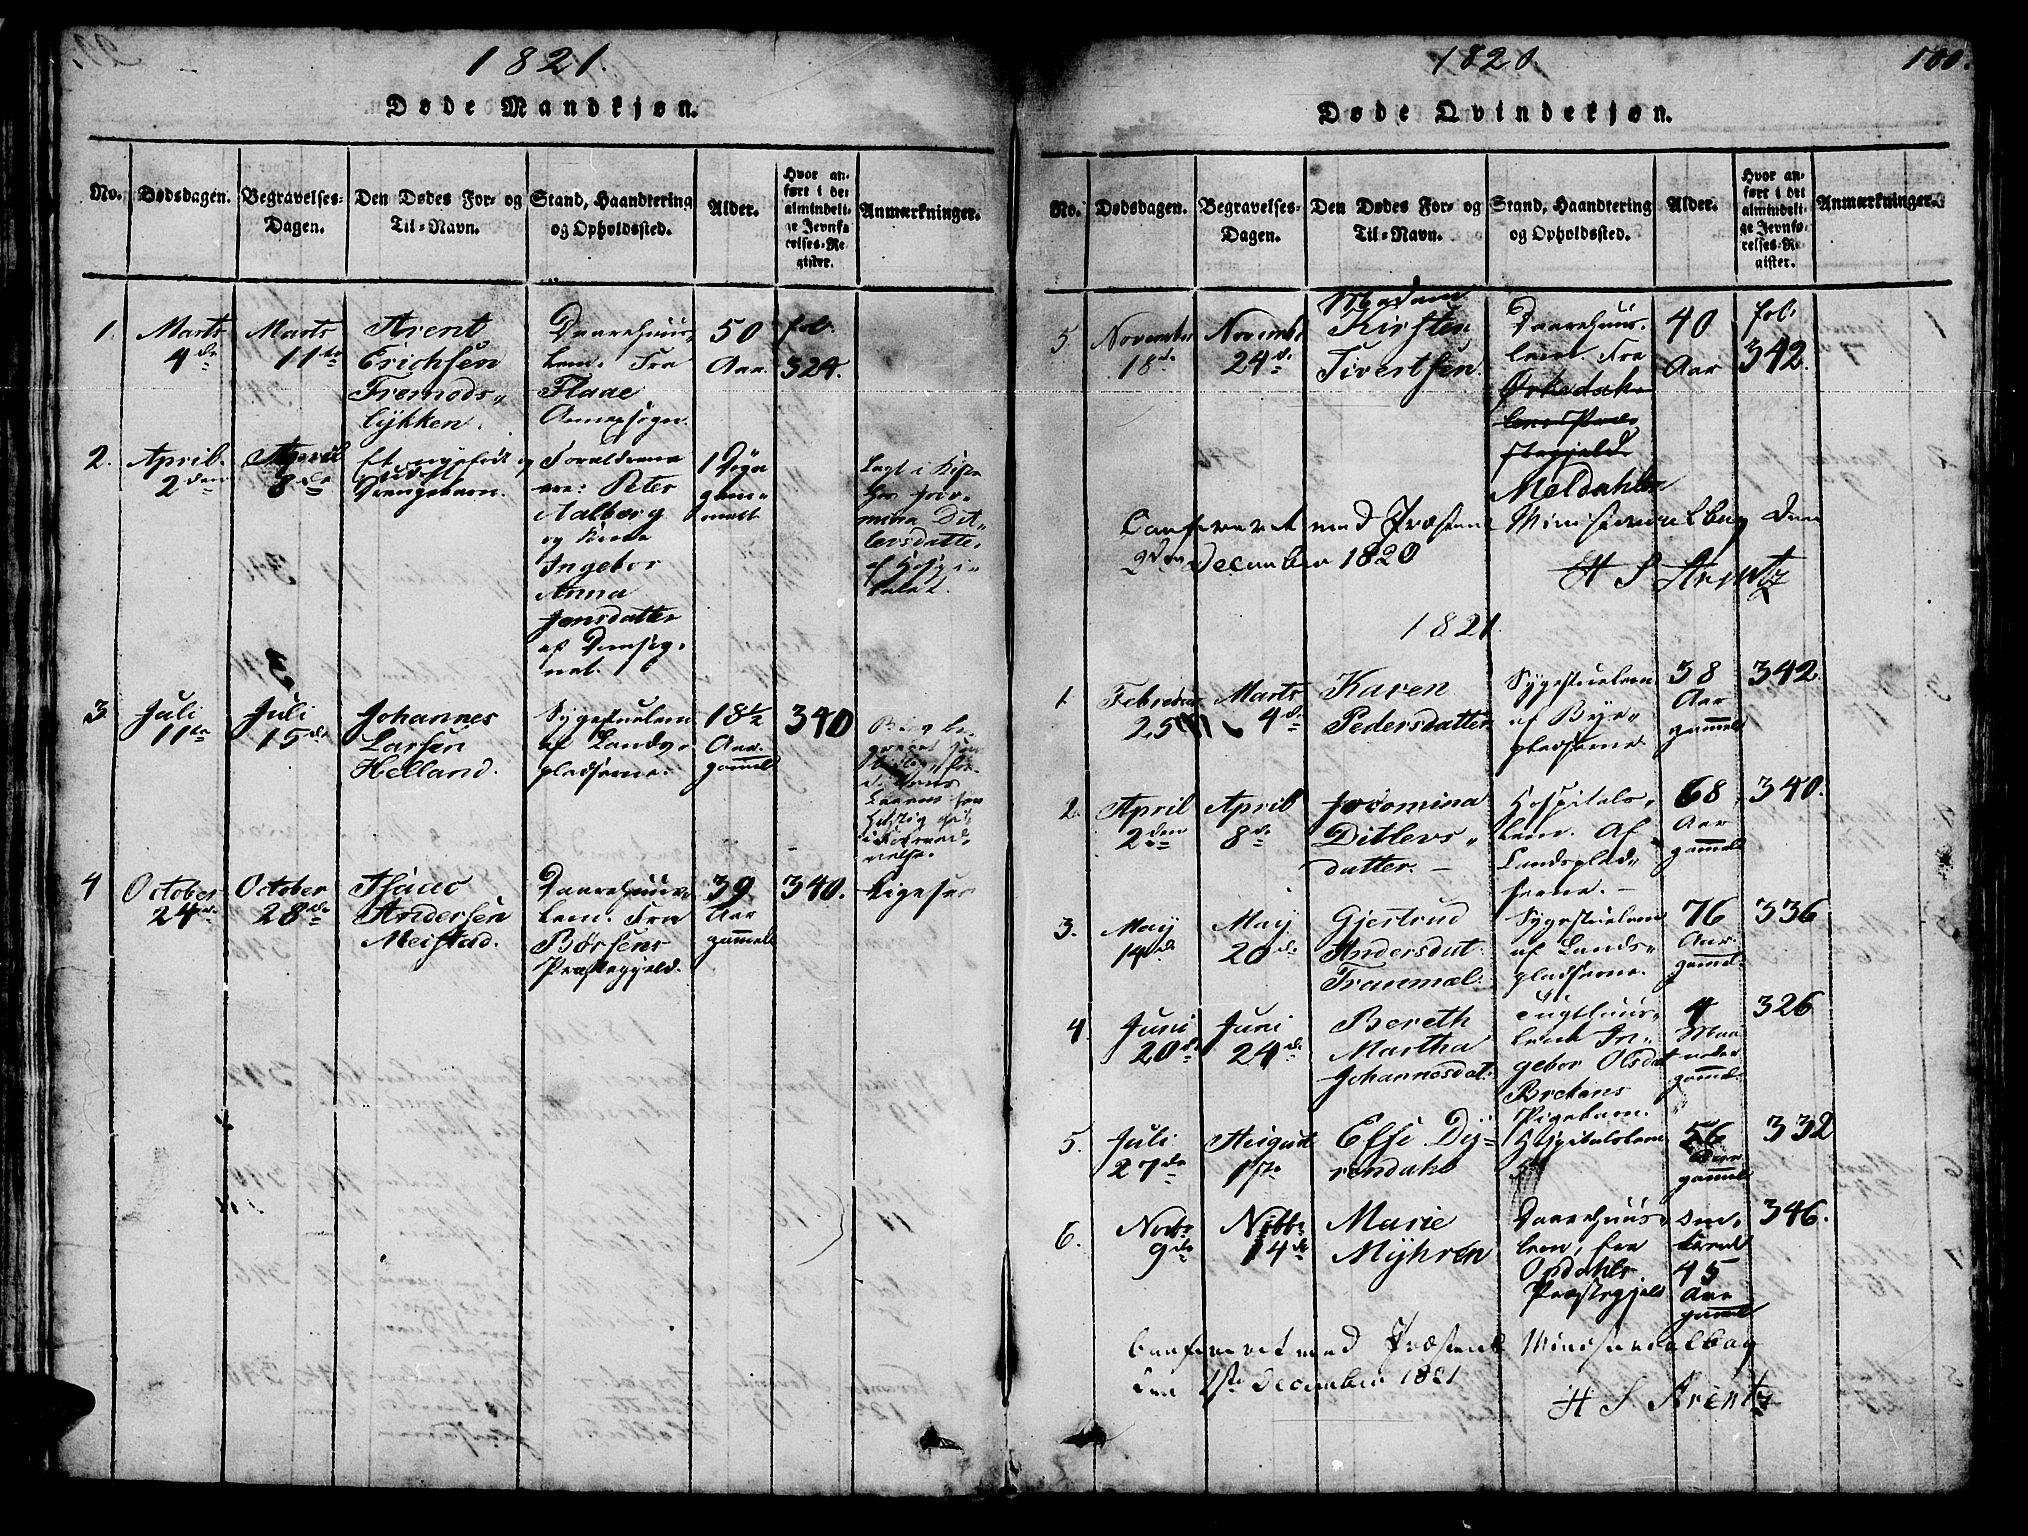 SAT, Ministerialprotokoller, klokkerbøker og fødselsregistre - Sør-Trøndelag, 623/L0478: Klokkerbok nr. 623C01, 1815-1873, s. 100